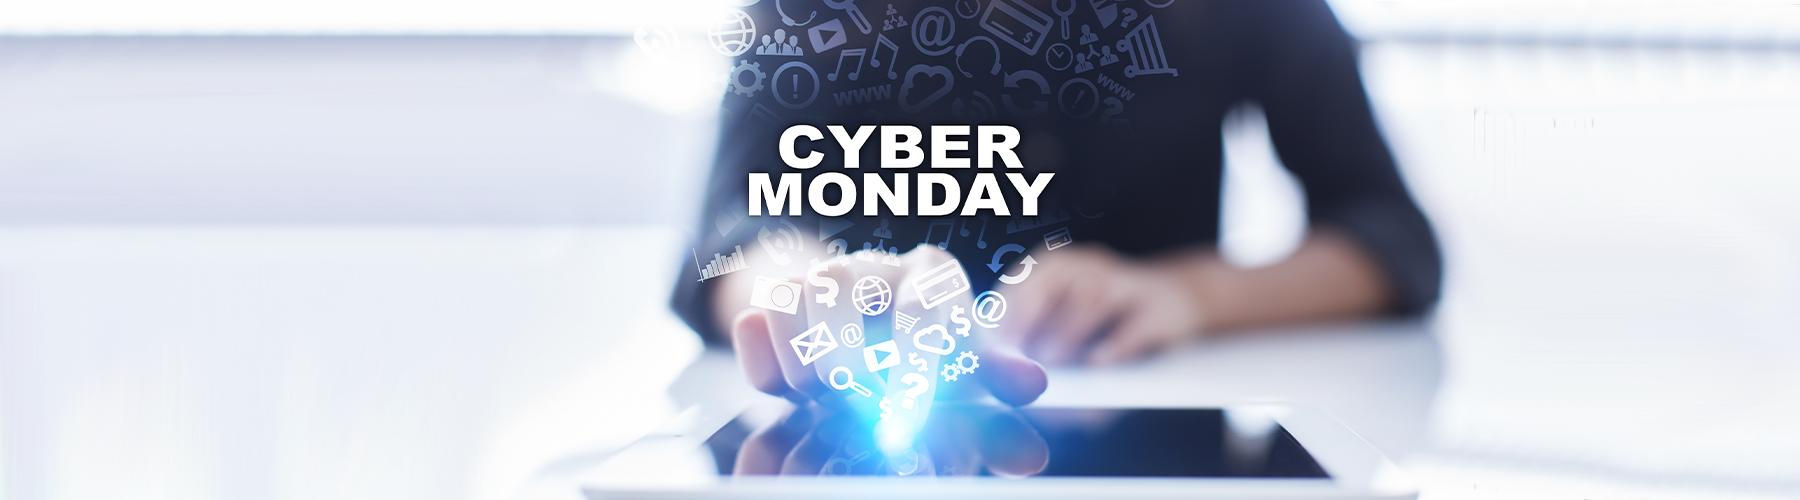 10 idées de campagnes Marketing pour Cyber Monday